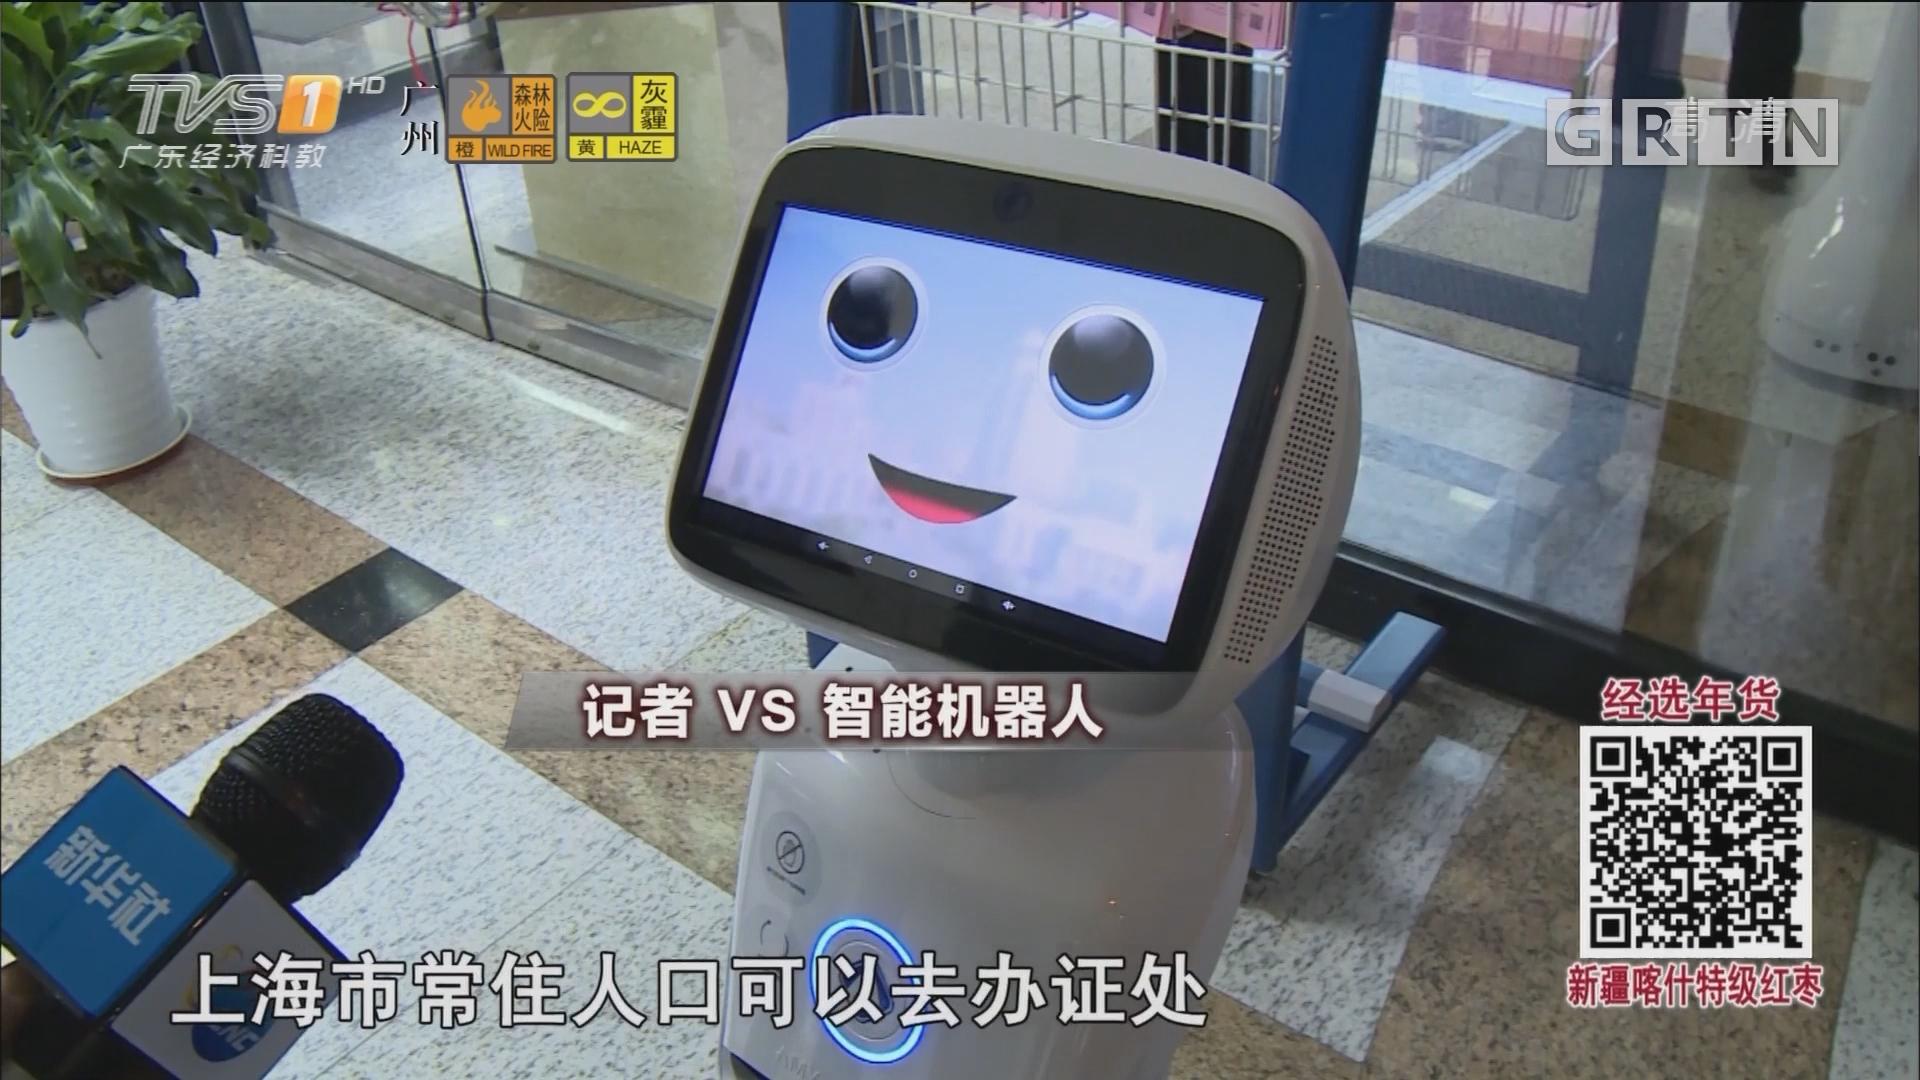 智能书架 机器人馆员 未来图书馆到底啥模样?